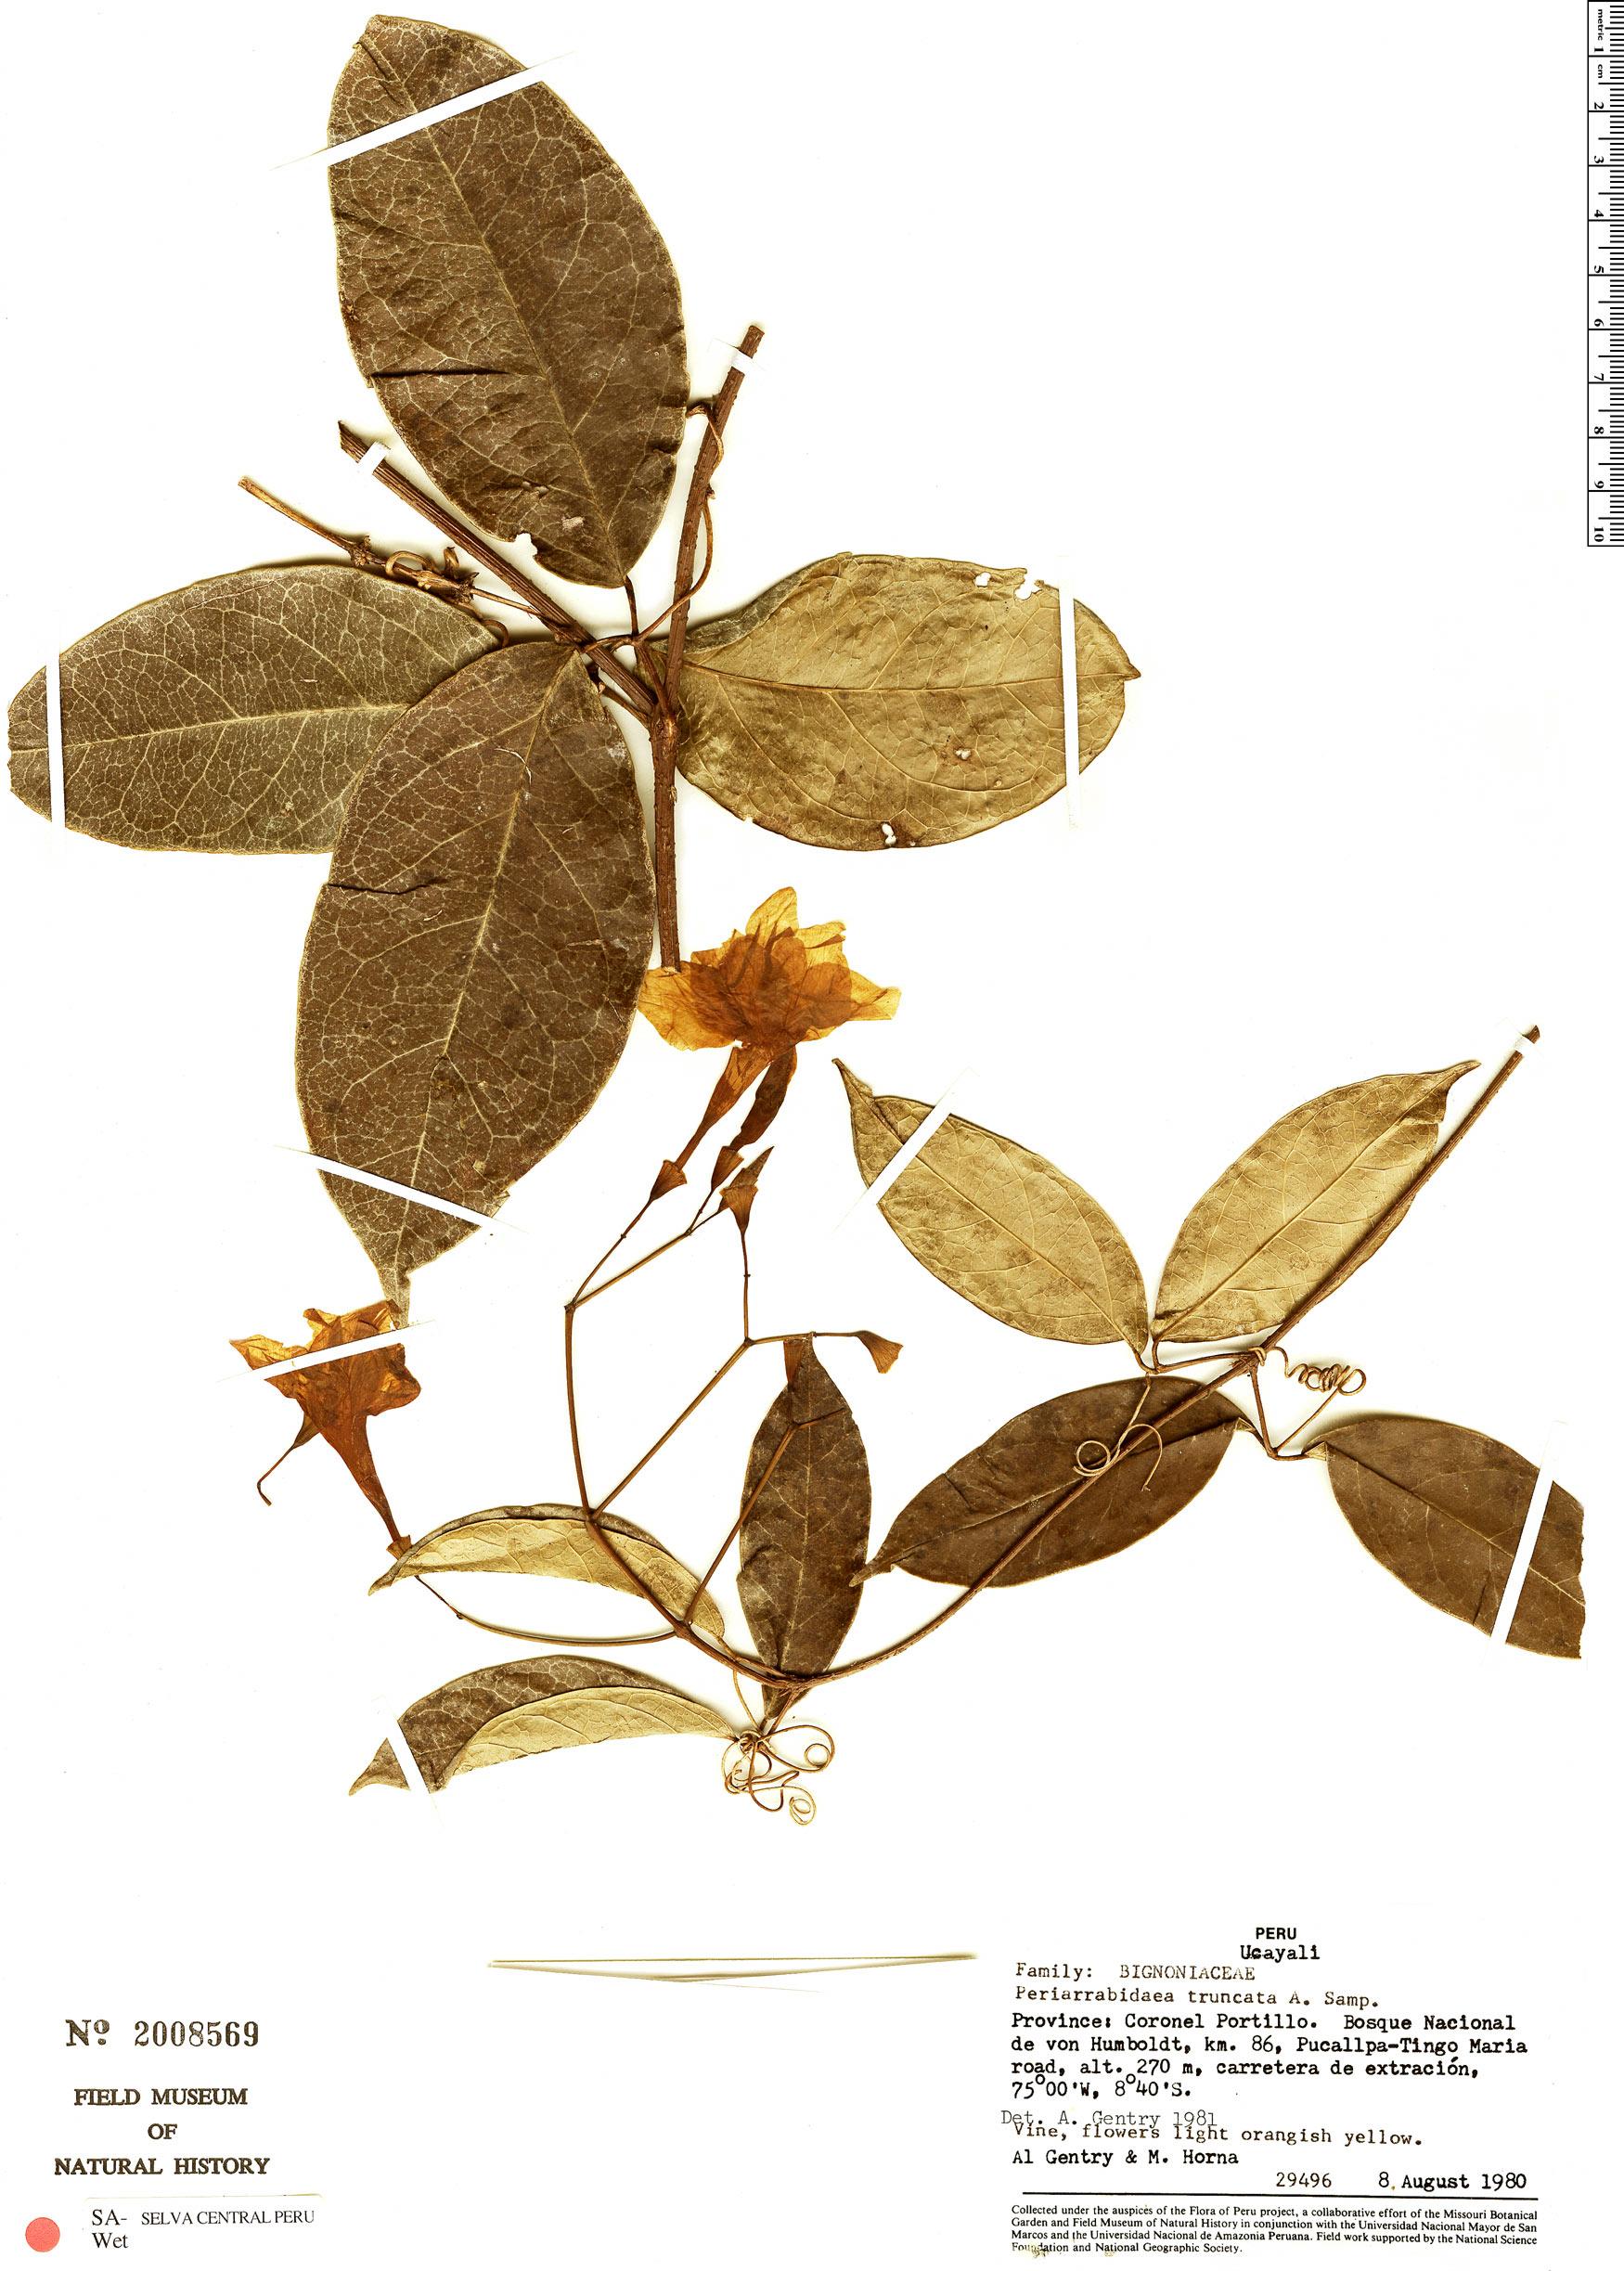 Specimen: Tanaecium truncatum